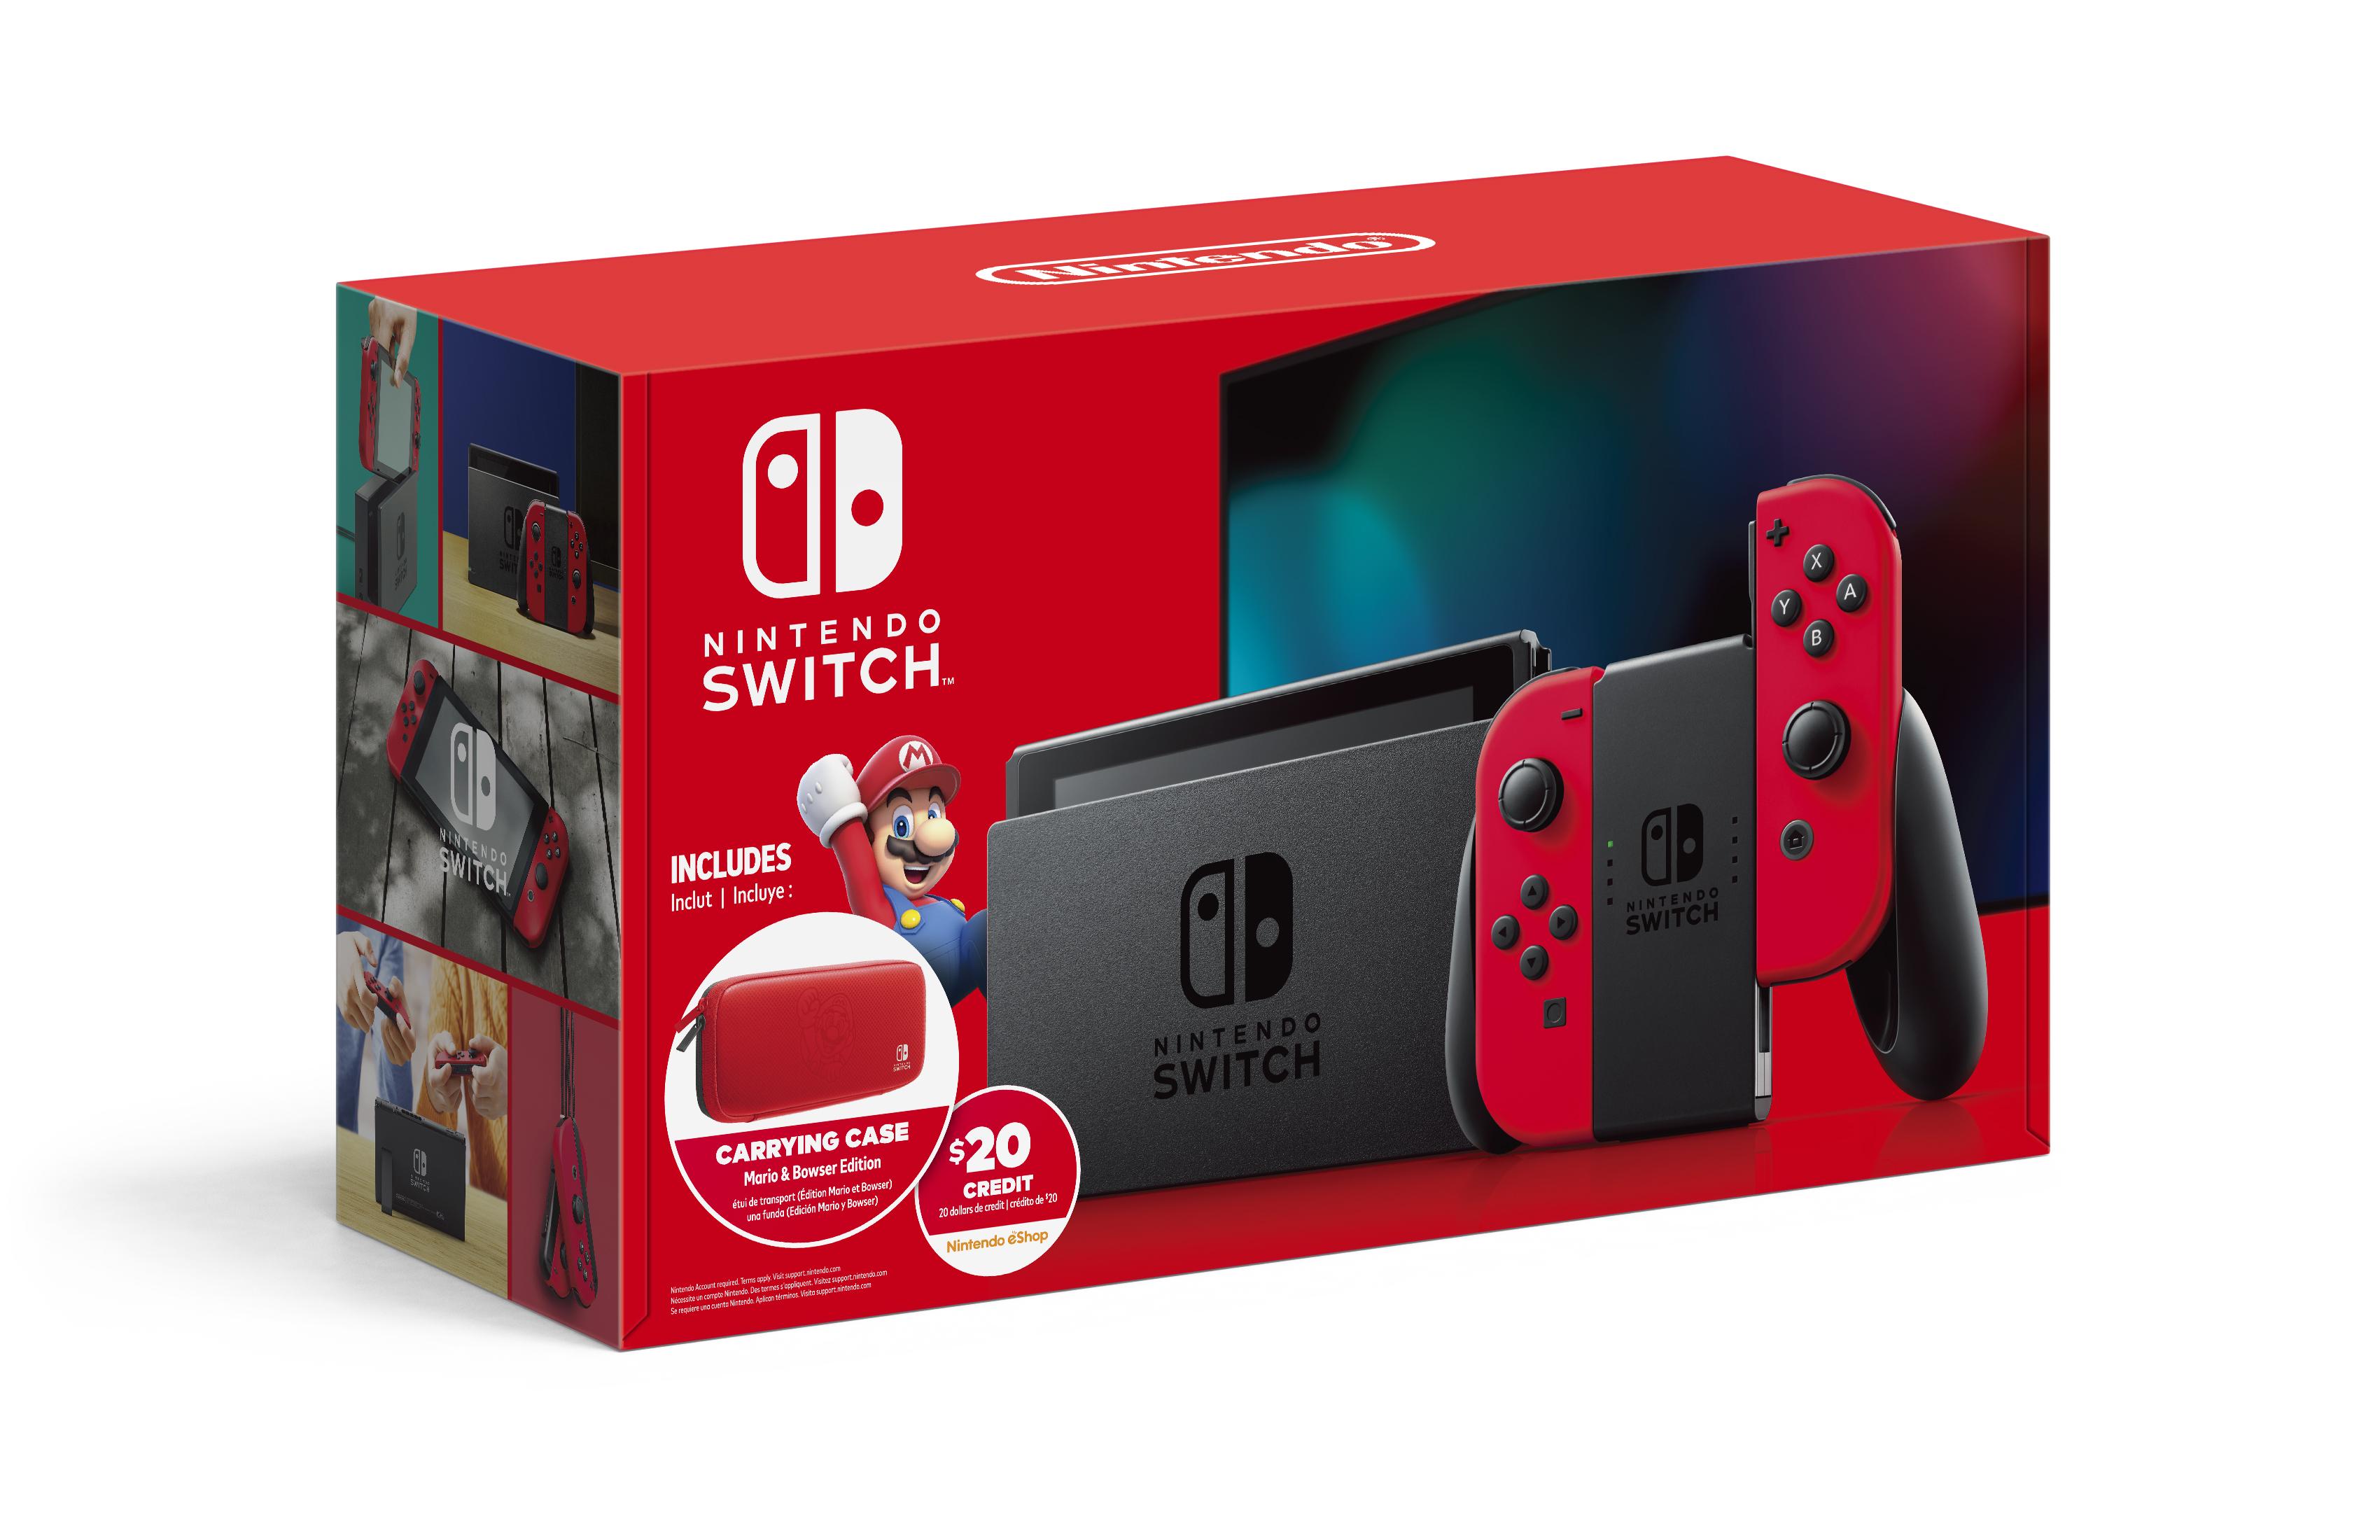 32gb Nintendo Switch W Mario Red Joy Con 20 Nintendo Eshop Credit Case